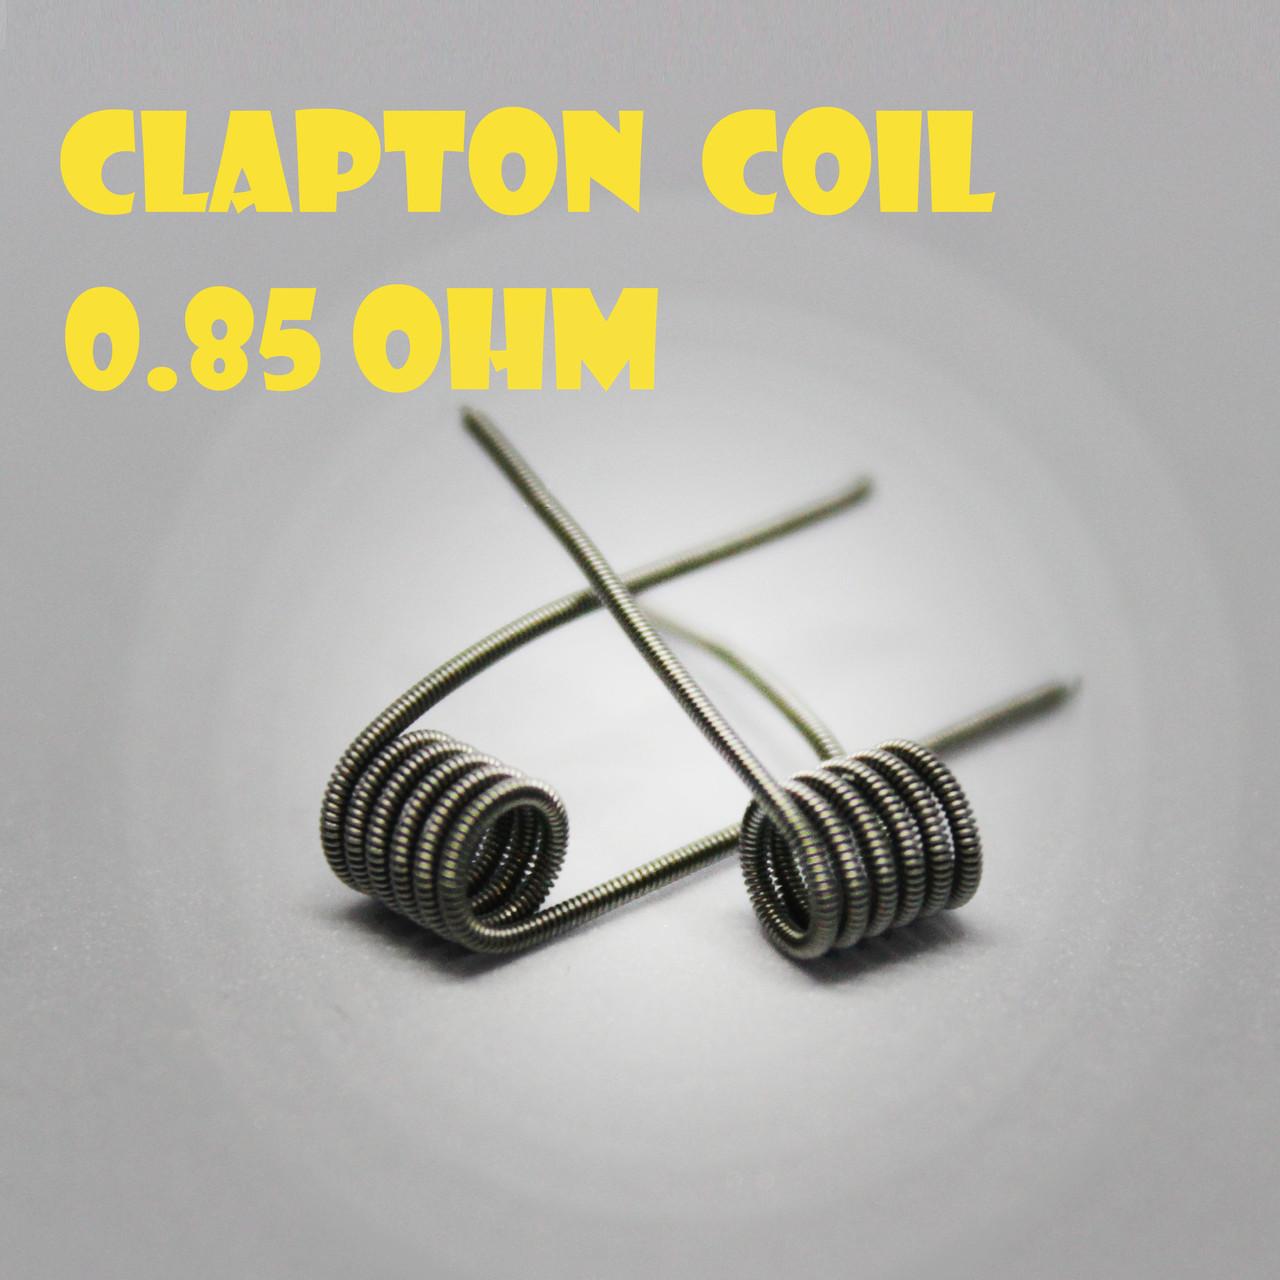 Clapton coil Готовая спираль 0.85 ohm пара